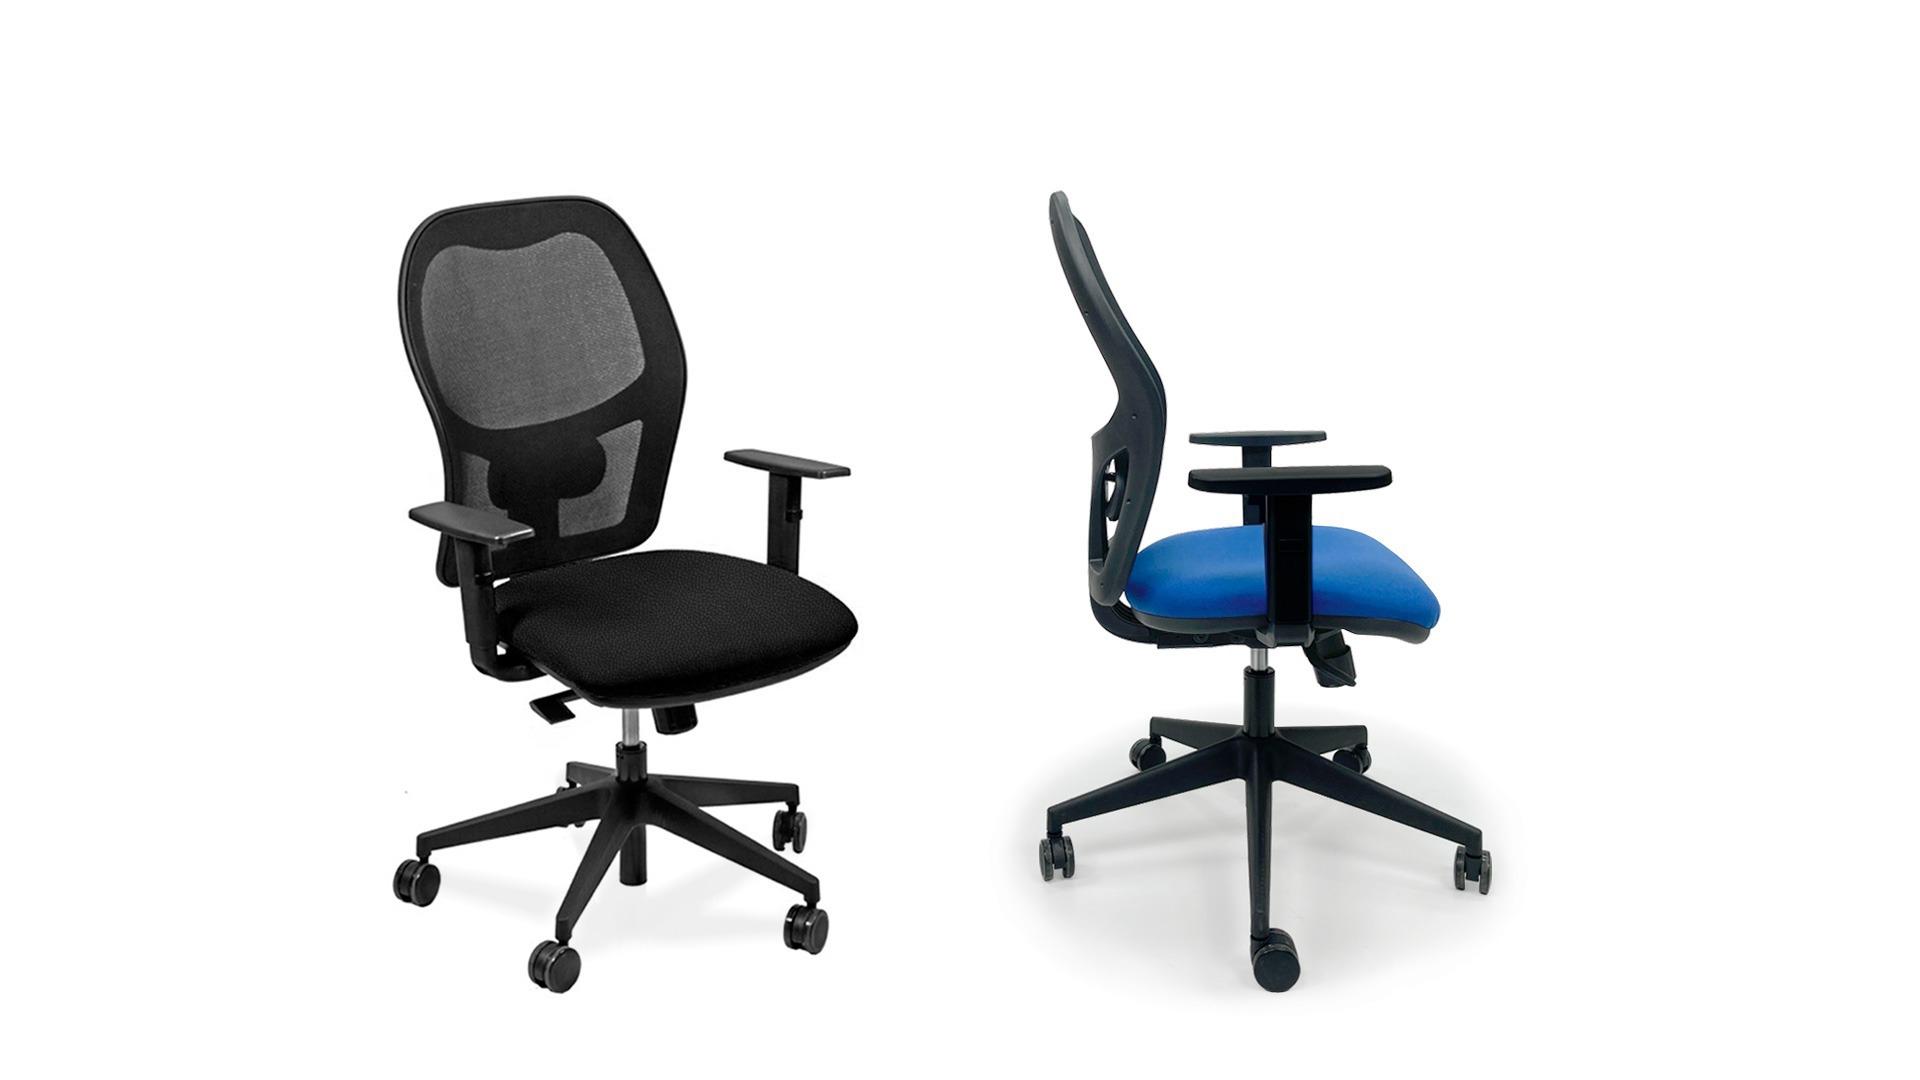 Back poltrone sedie ufficio da 121 52 fumustore for Sedie compra online